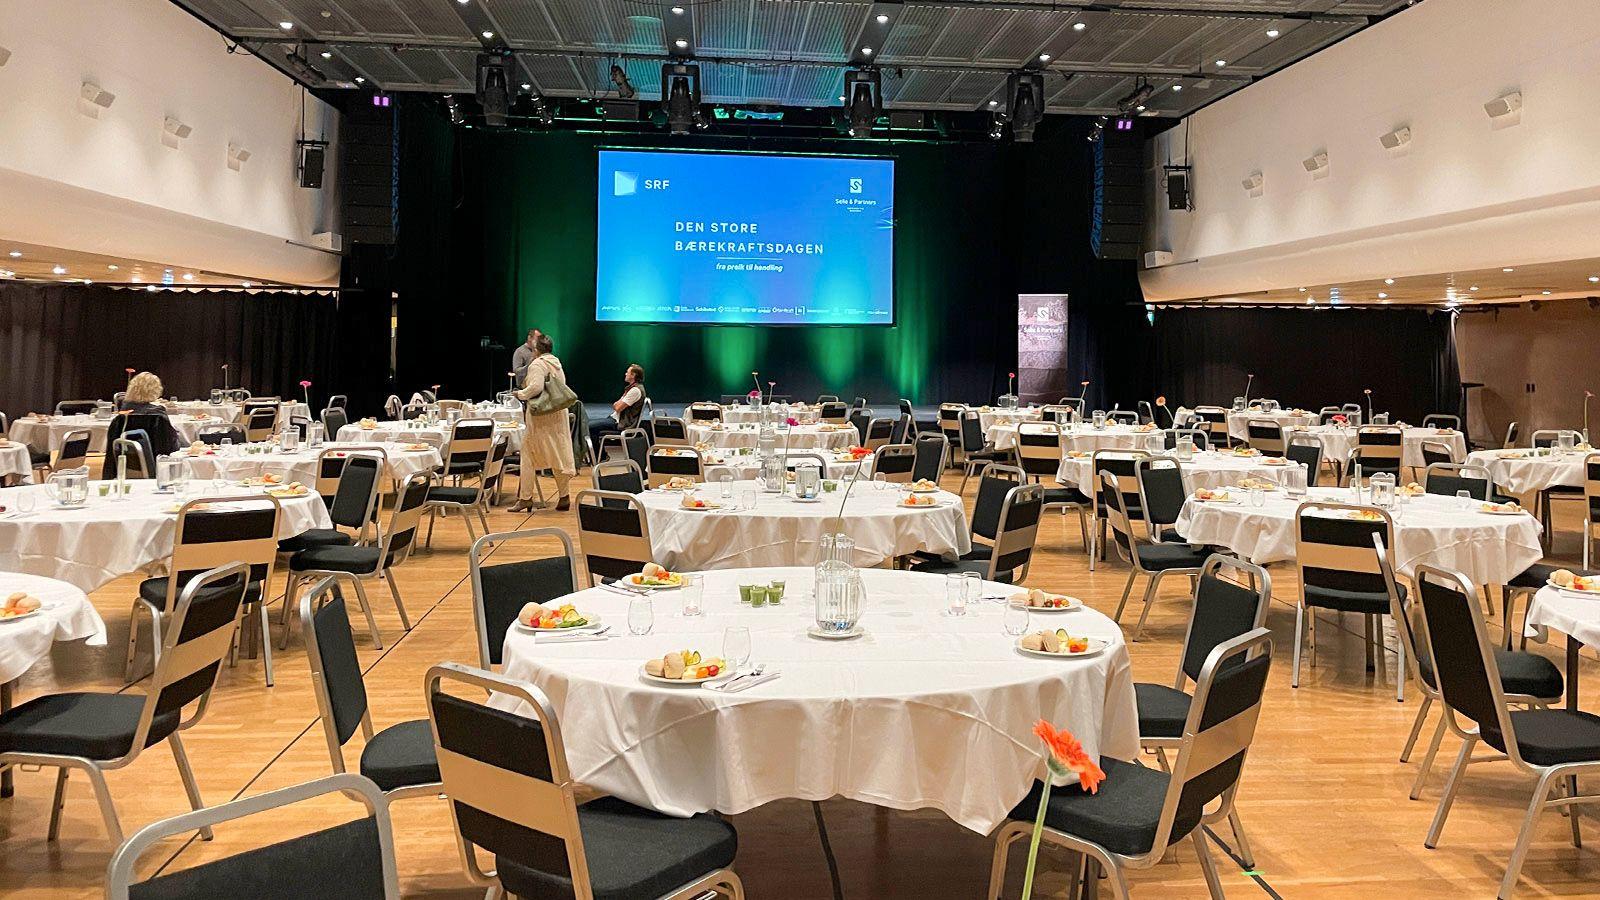 «Den store Bærekraftsdagen» ble arrangert i Grieghallen som en sertifisert Grønn Konferanse.